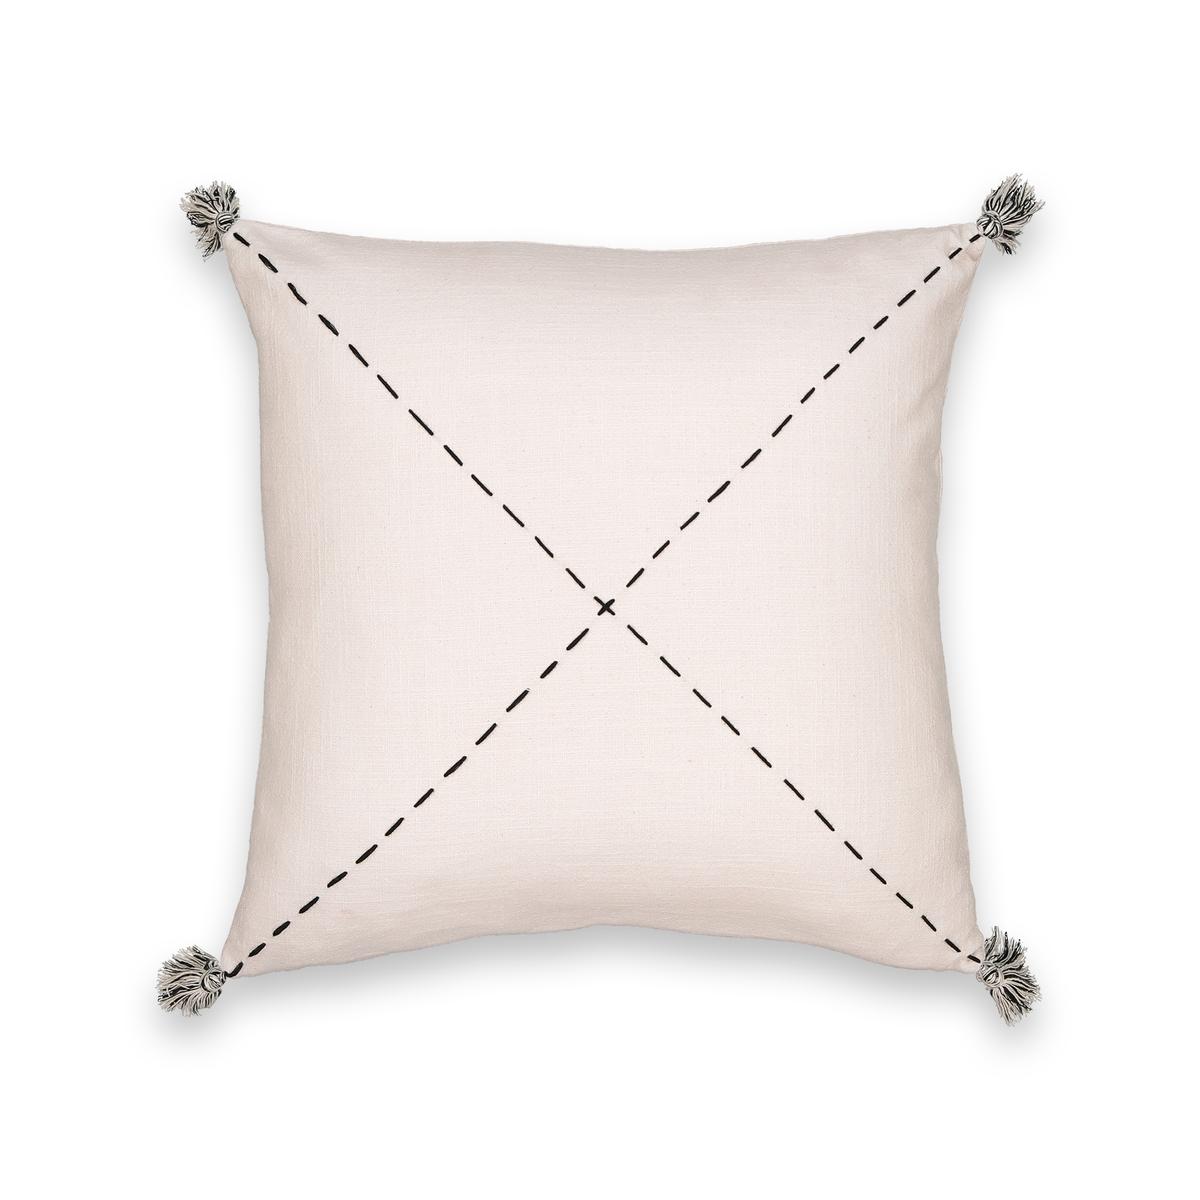 Чехол LaRedoute На подушку с ручной вышивкой Girandole 50 x 50 см бежевый